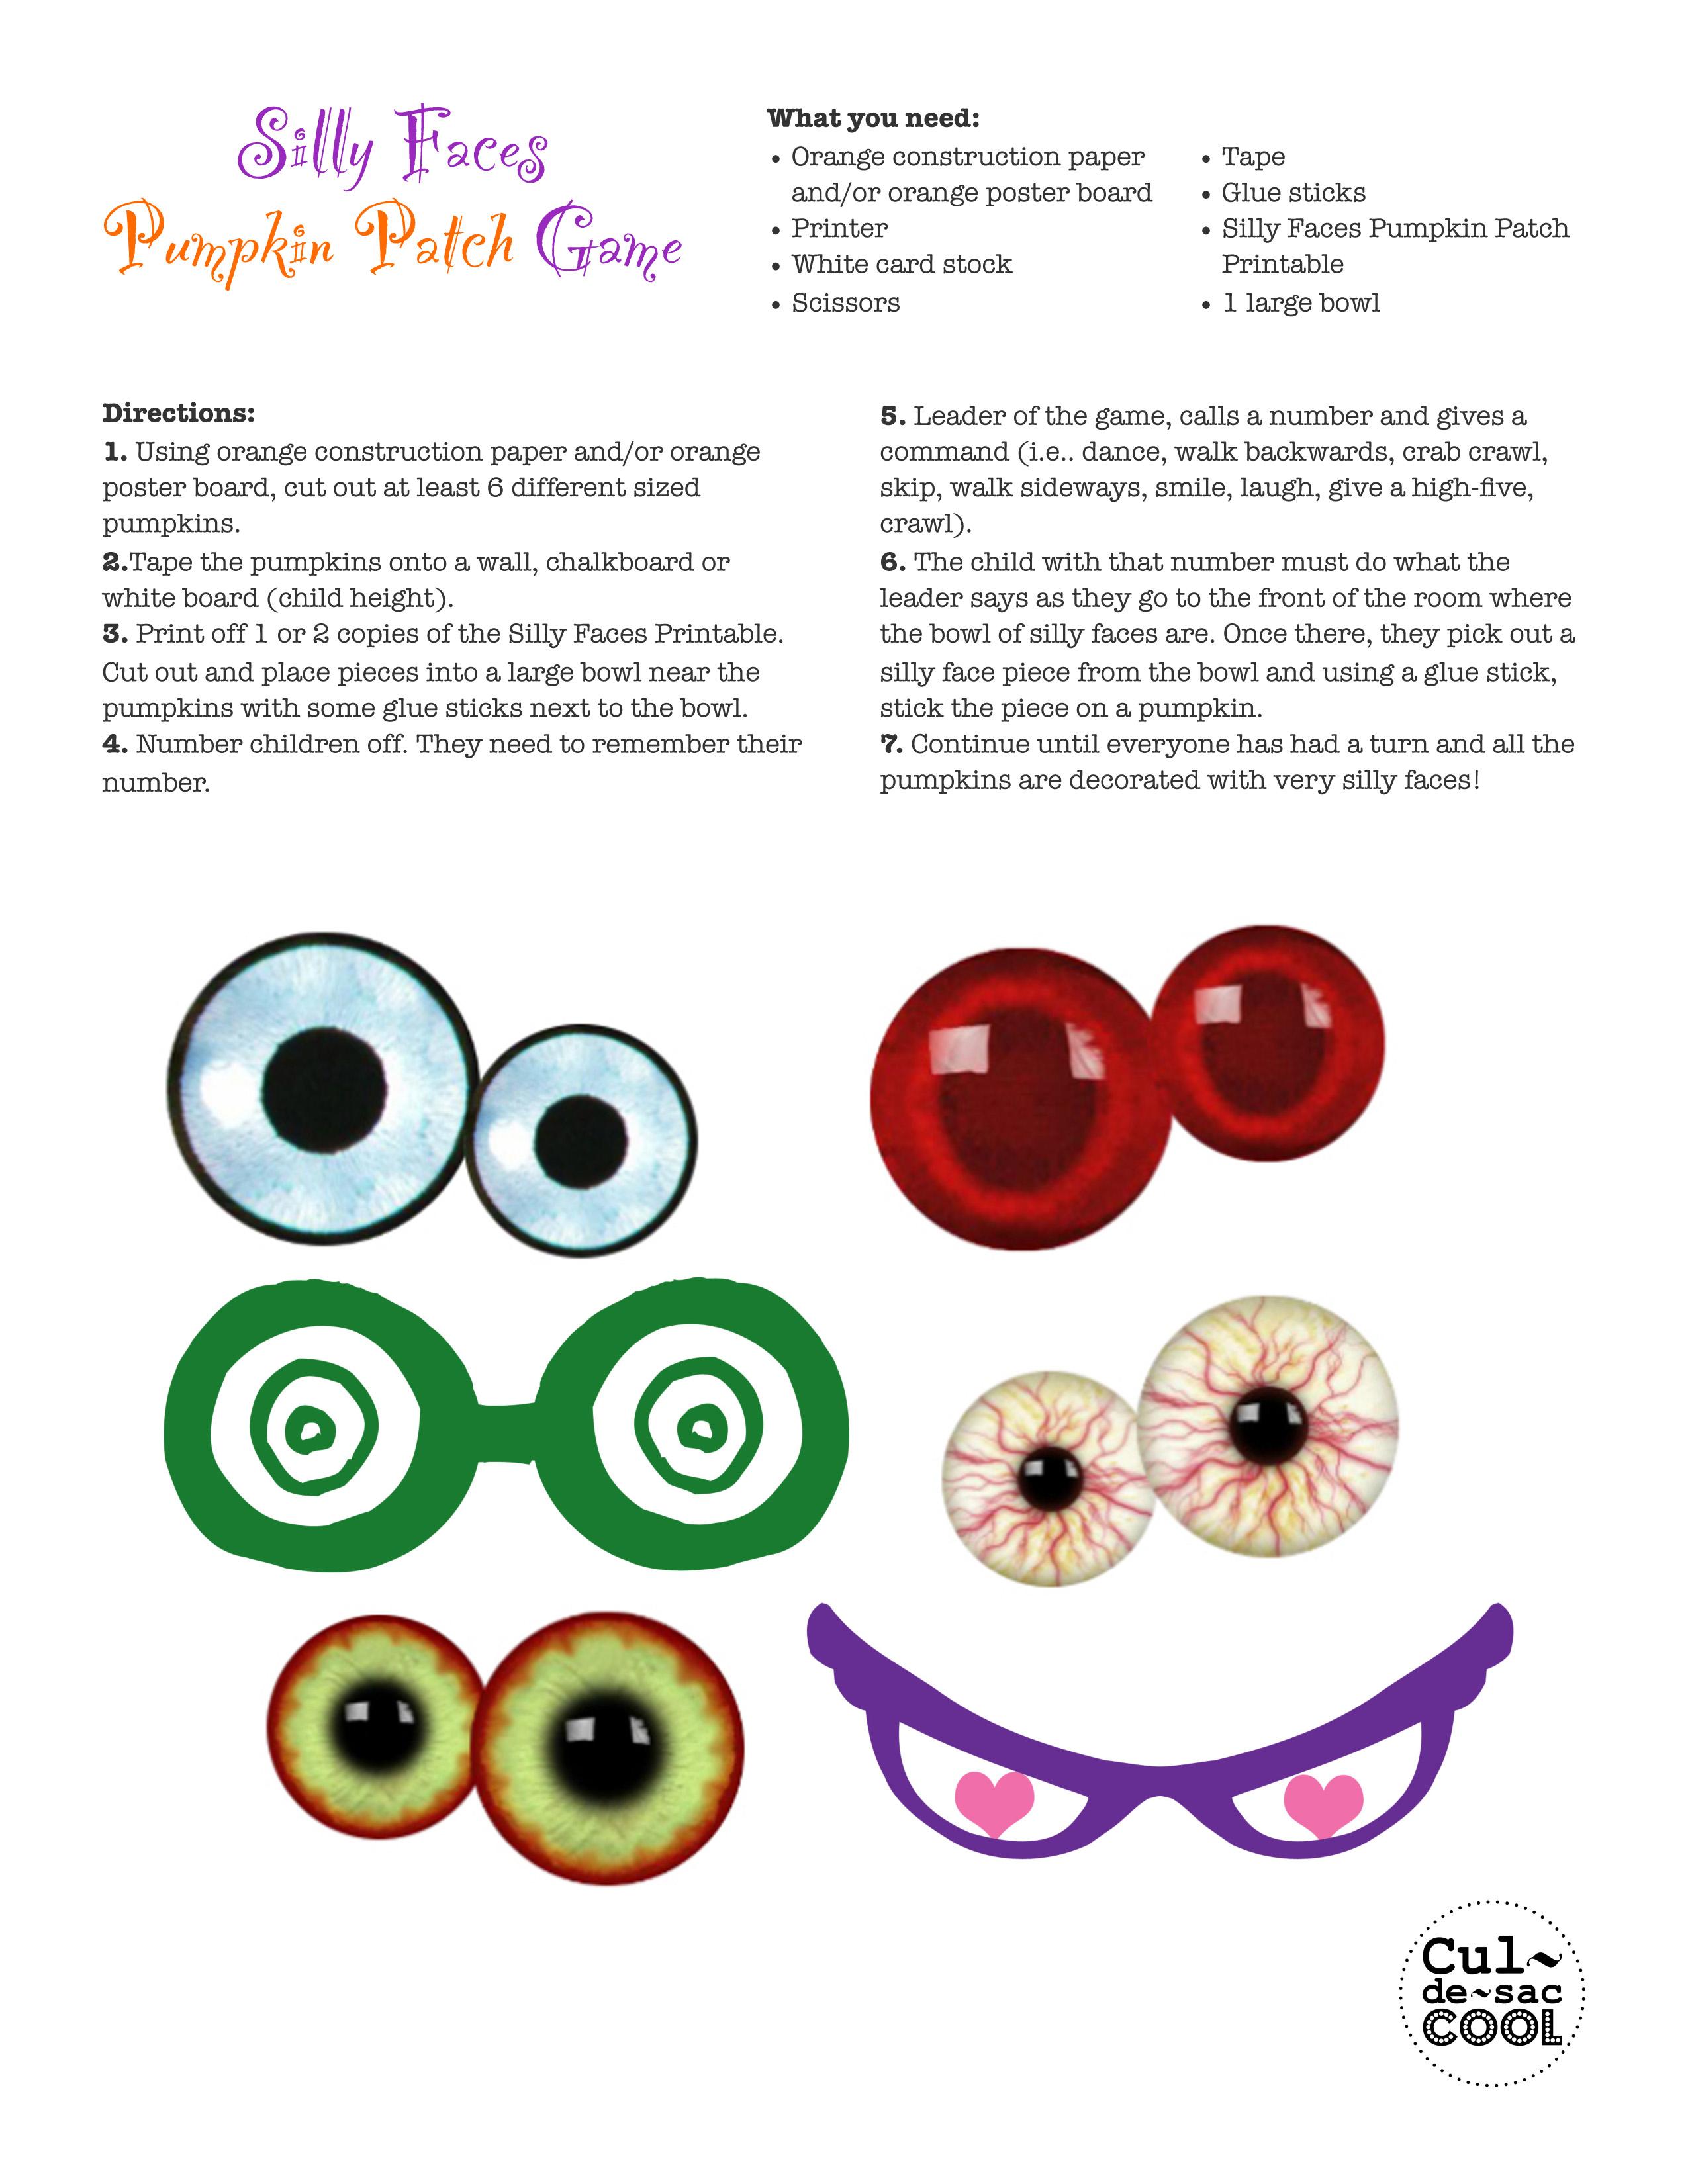 12 Coolest Halloween School Party Games Part 2